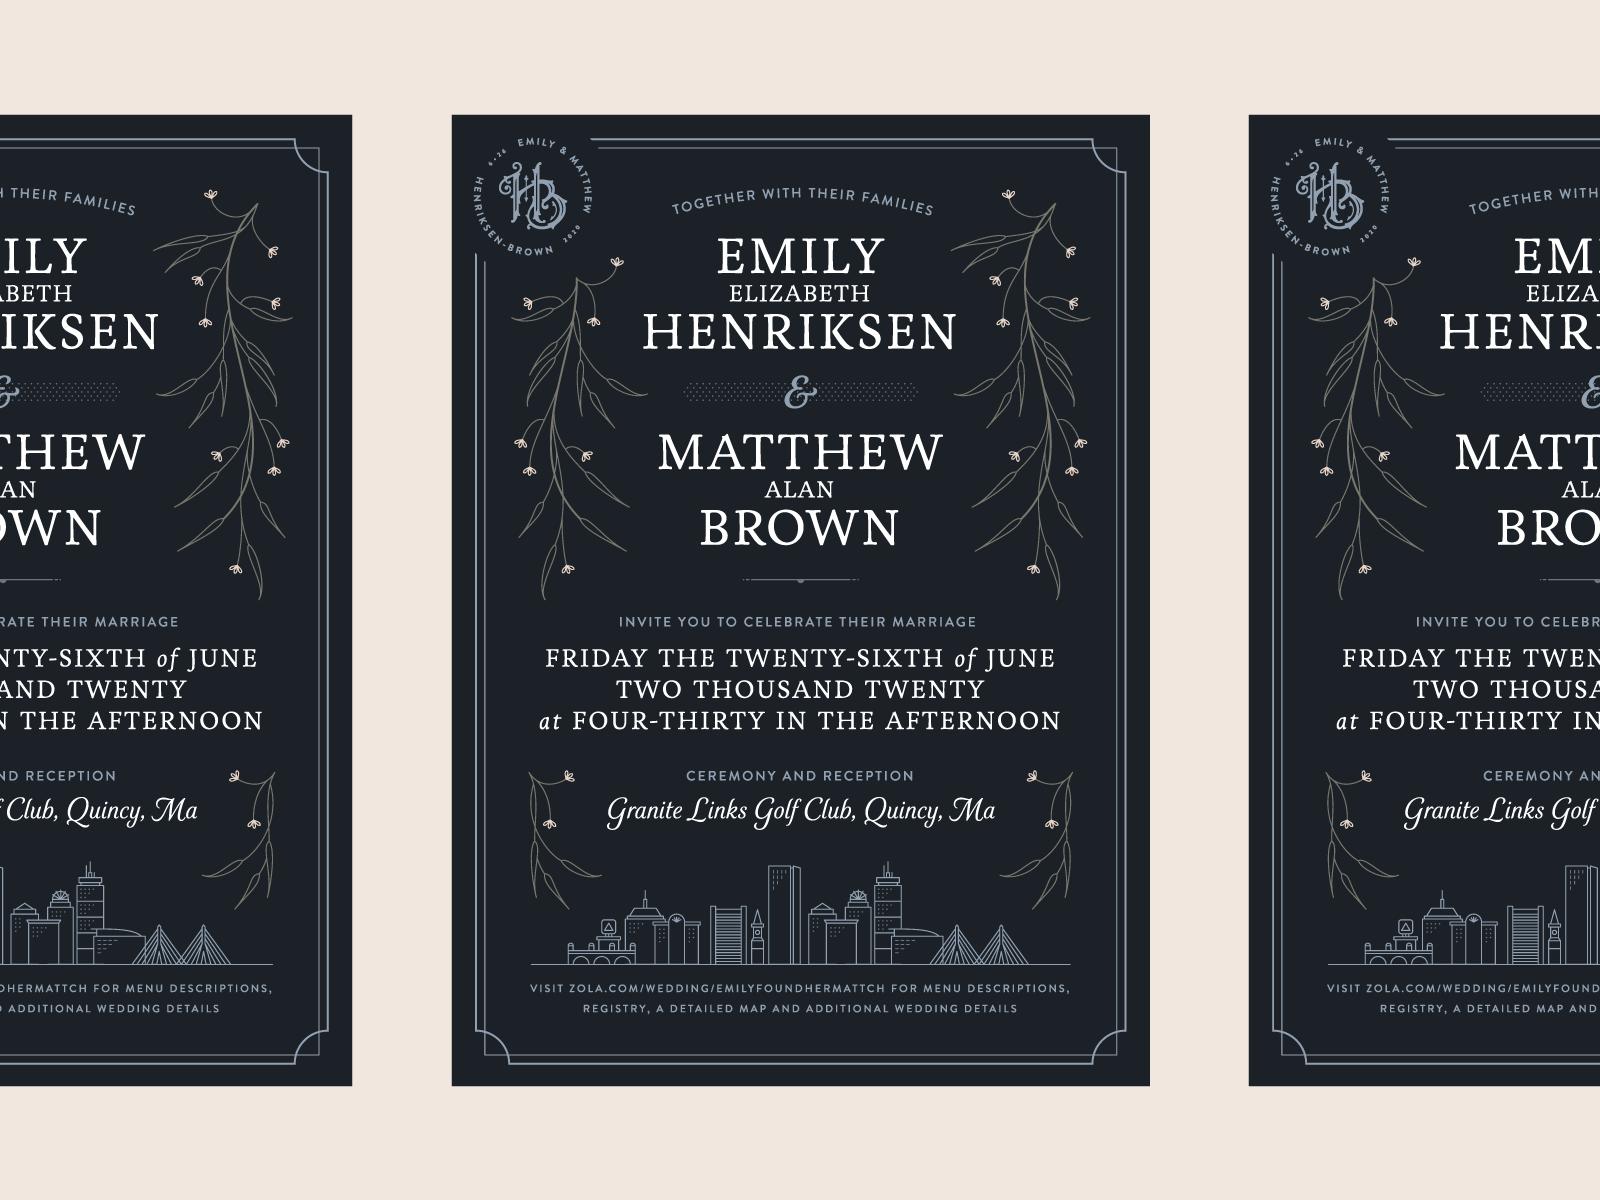 Henriksen-Brown Wedding — 1 𝑜𝑓 5